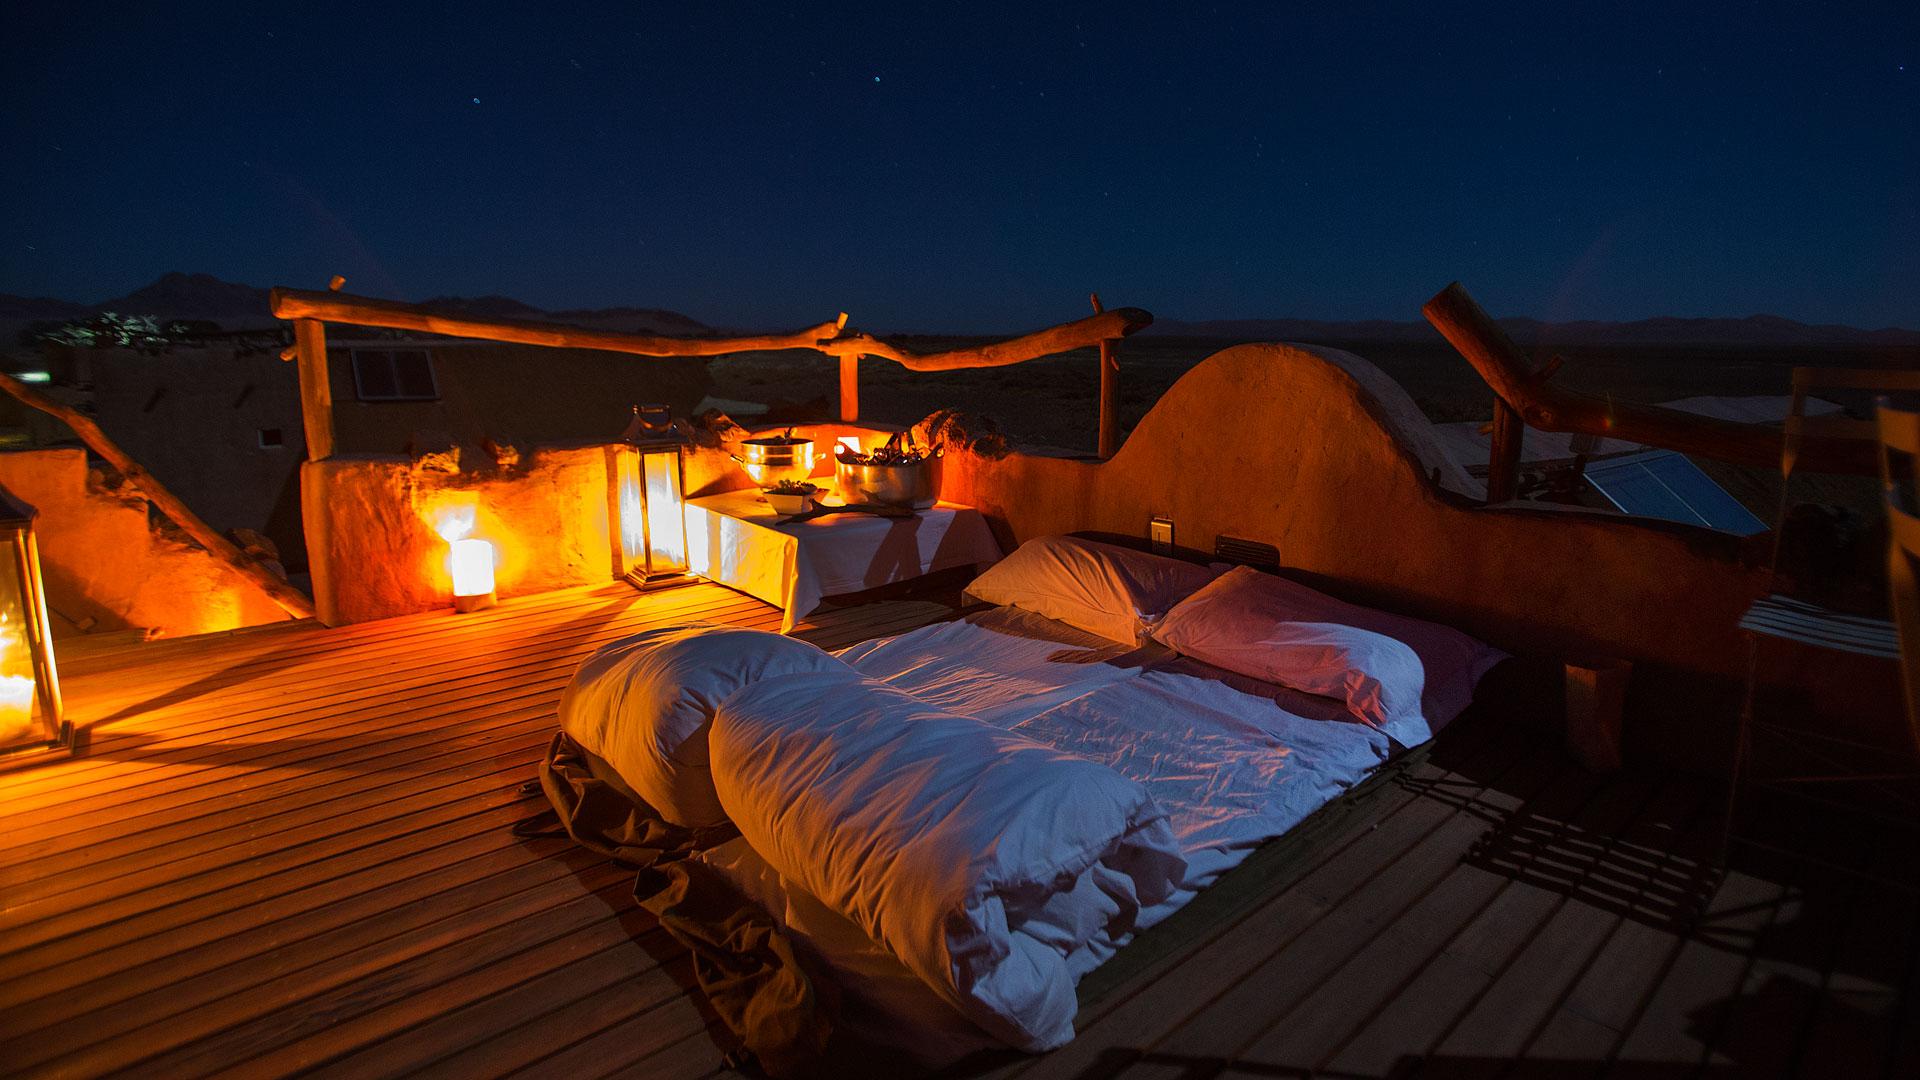 Little Kulala trang bị hẳn hoi giường ngủ trên tầng thượng để bạn có thể nằm ngắm sao trời vào ban đêm.